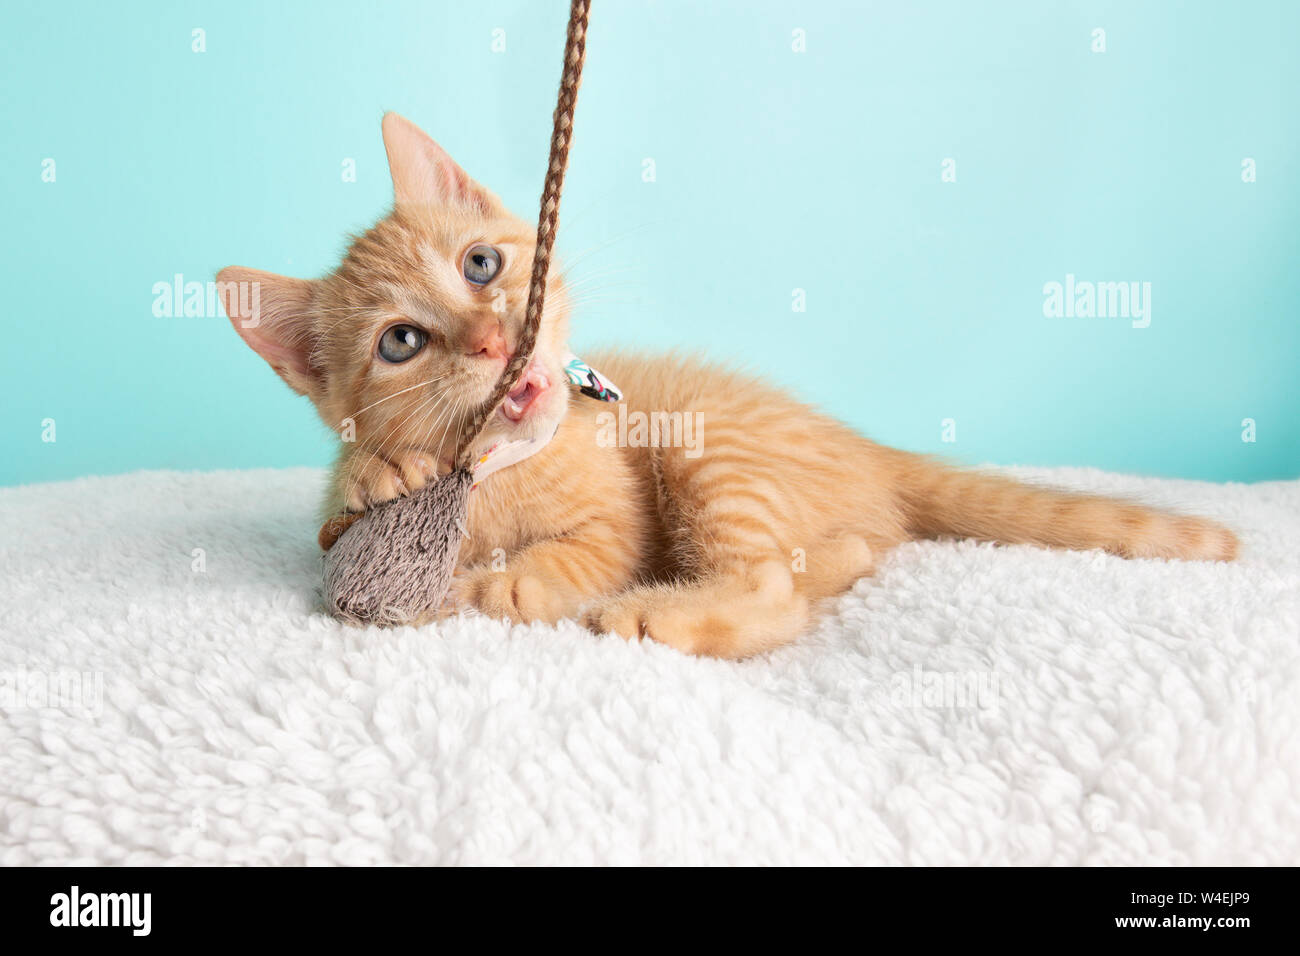 Nette Junge Orange Tabby Cat Kitten Rettung tragen weiße Blume Bow Tie Liegend suchen nach Spielen und Beißen Maus und String Spielzeug auf Blau Backgroun Stockfoto